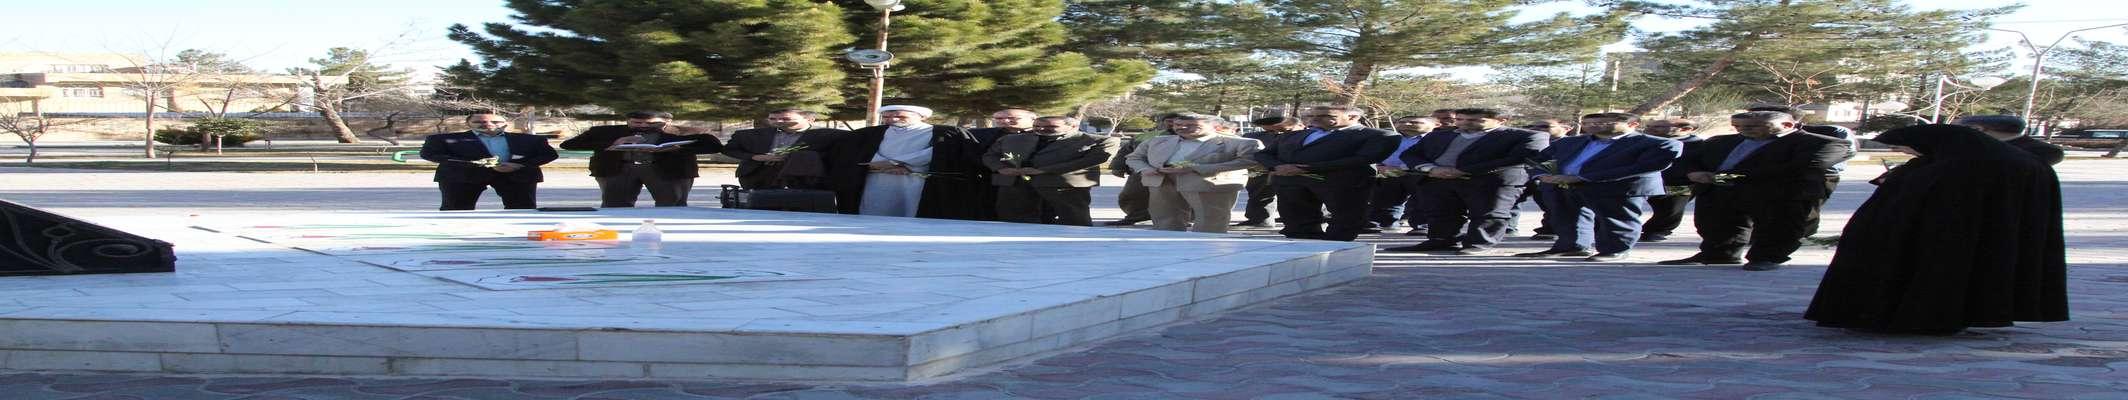 با حضور شهردار و اعضای شورای اسلامی شهر بیرجند برگزار شد